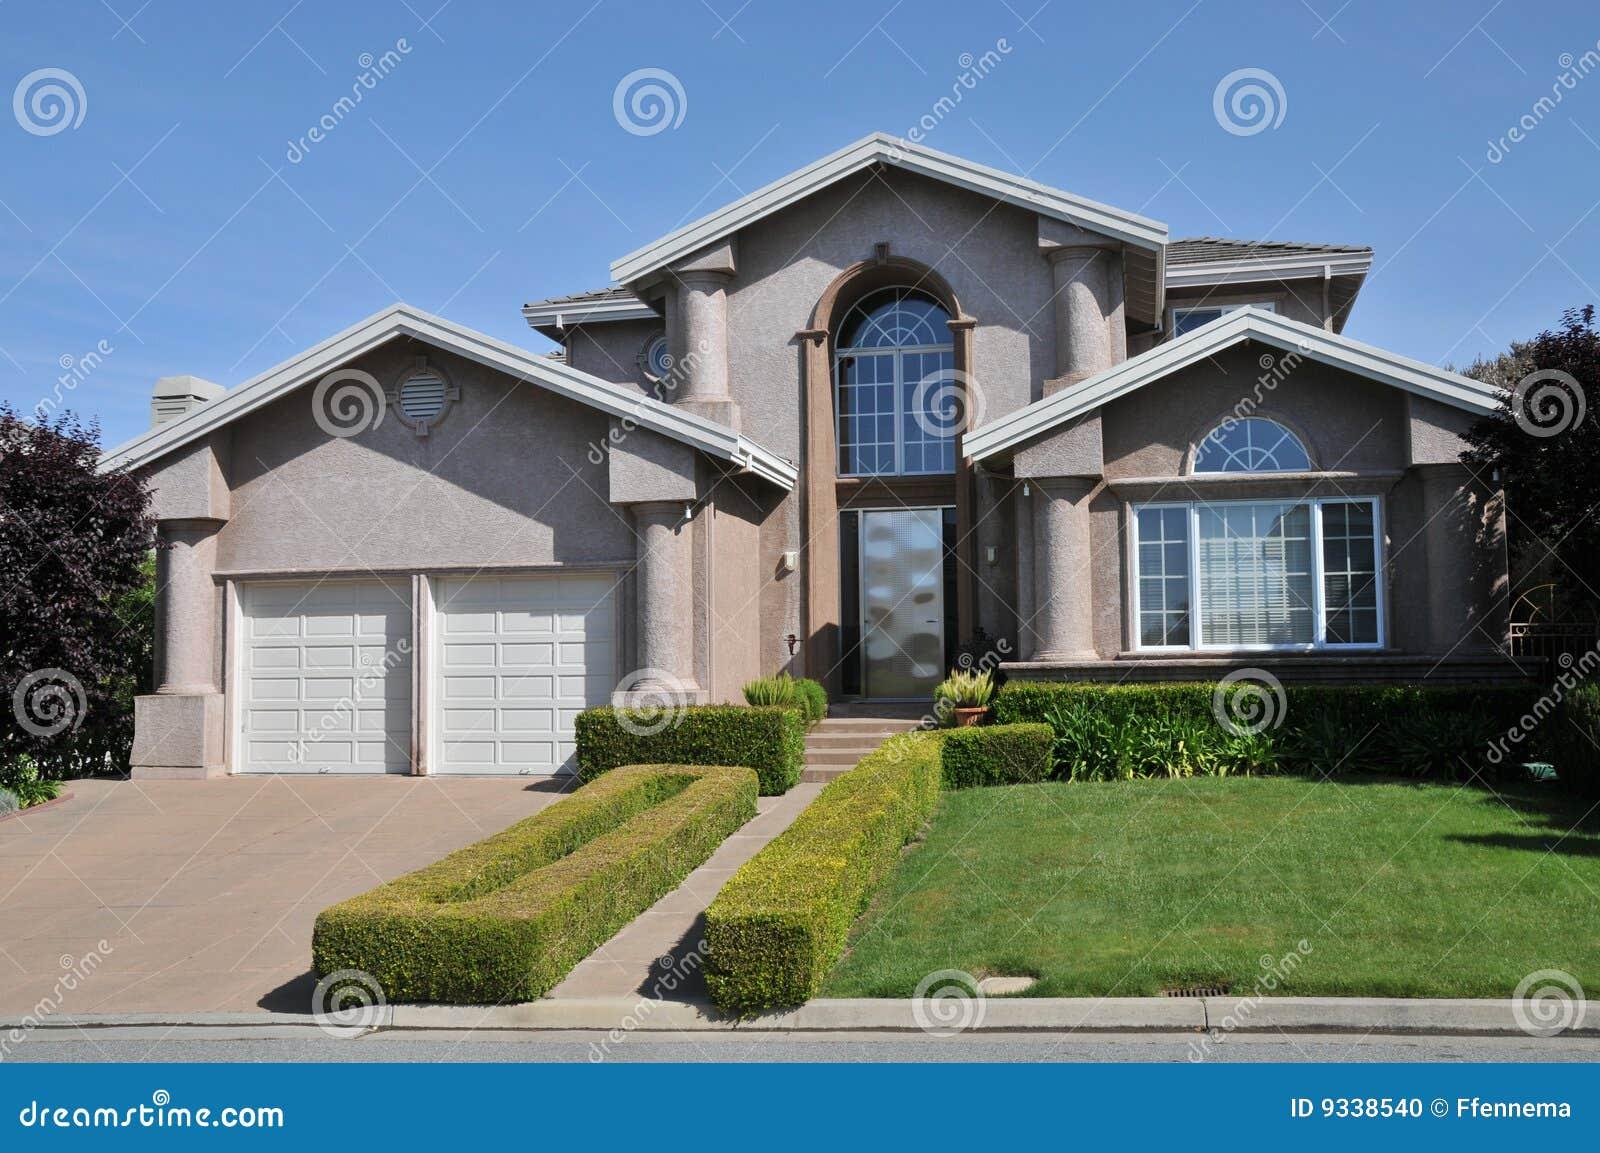 How wide is a two car garage door 3 car detached garage for How wide is a two car garage